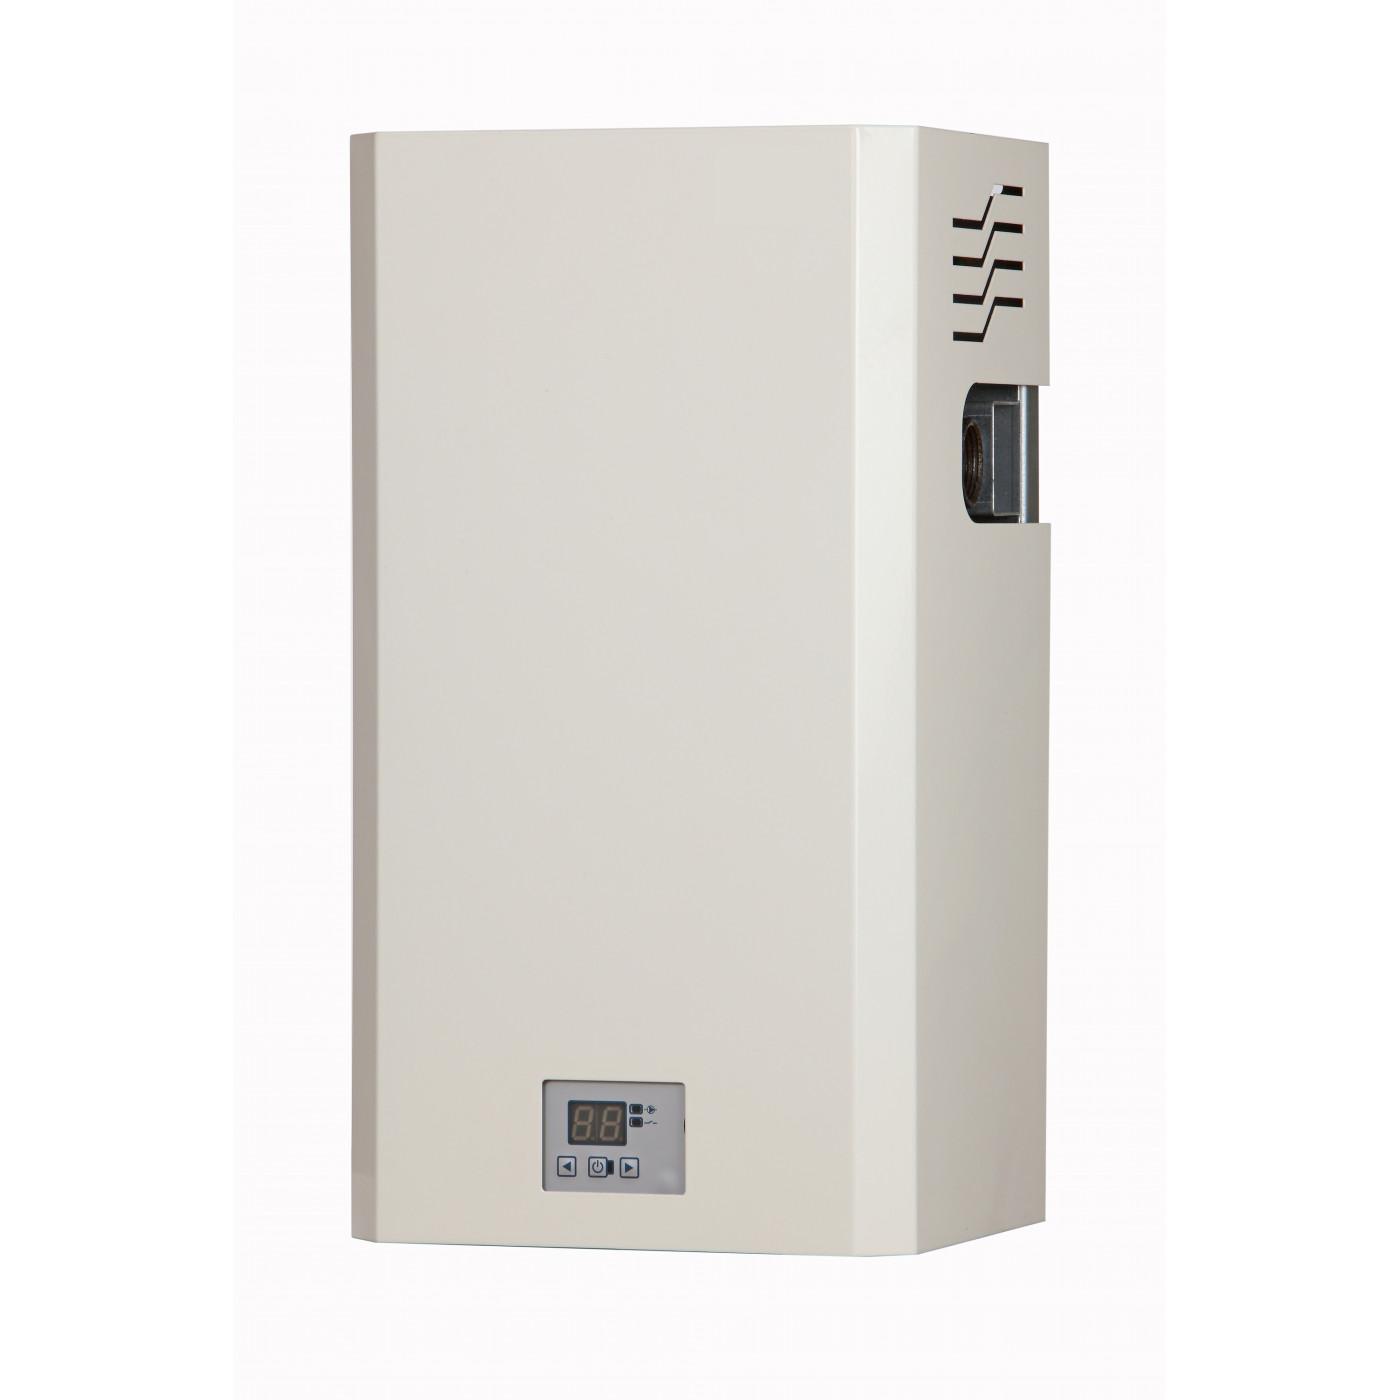 Elektro Heizkessel Heiztherme 12 kW elektrische Heizanlage  Elektrozentralheizung Therme